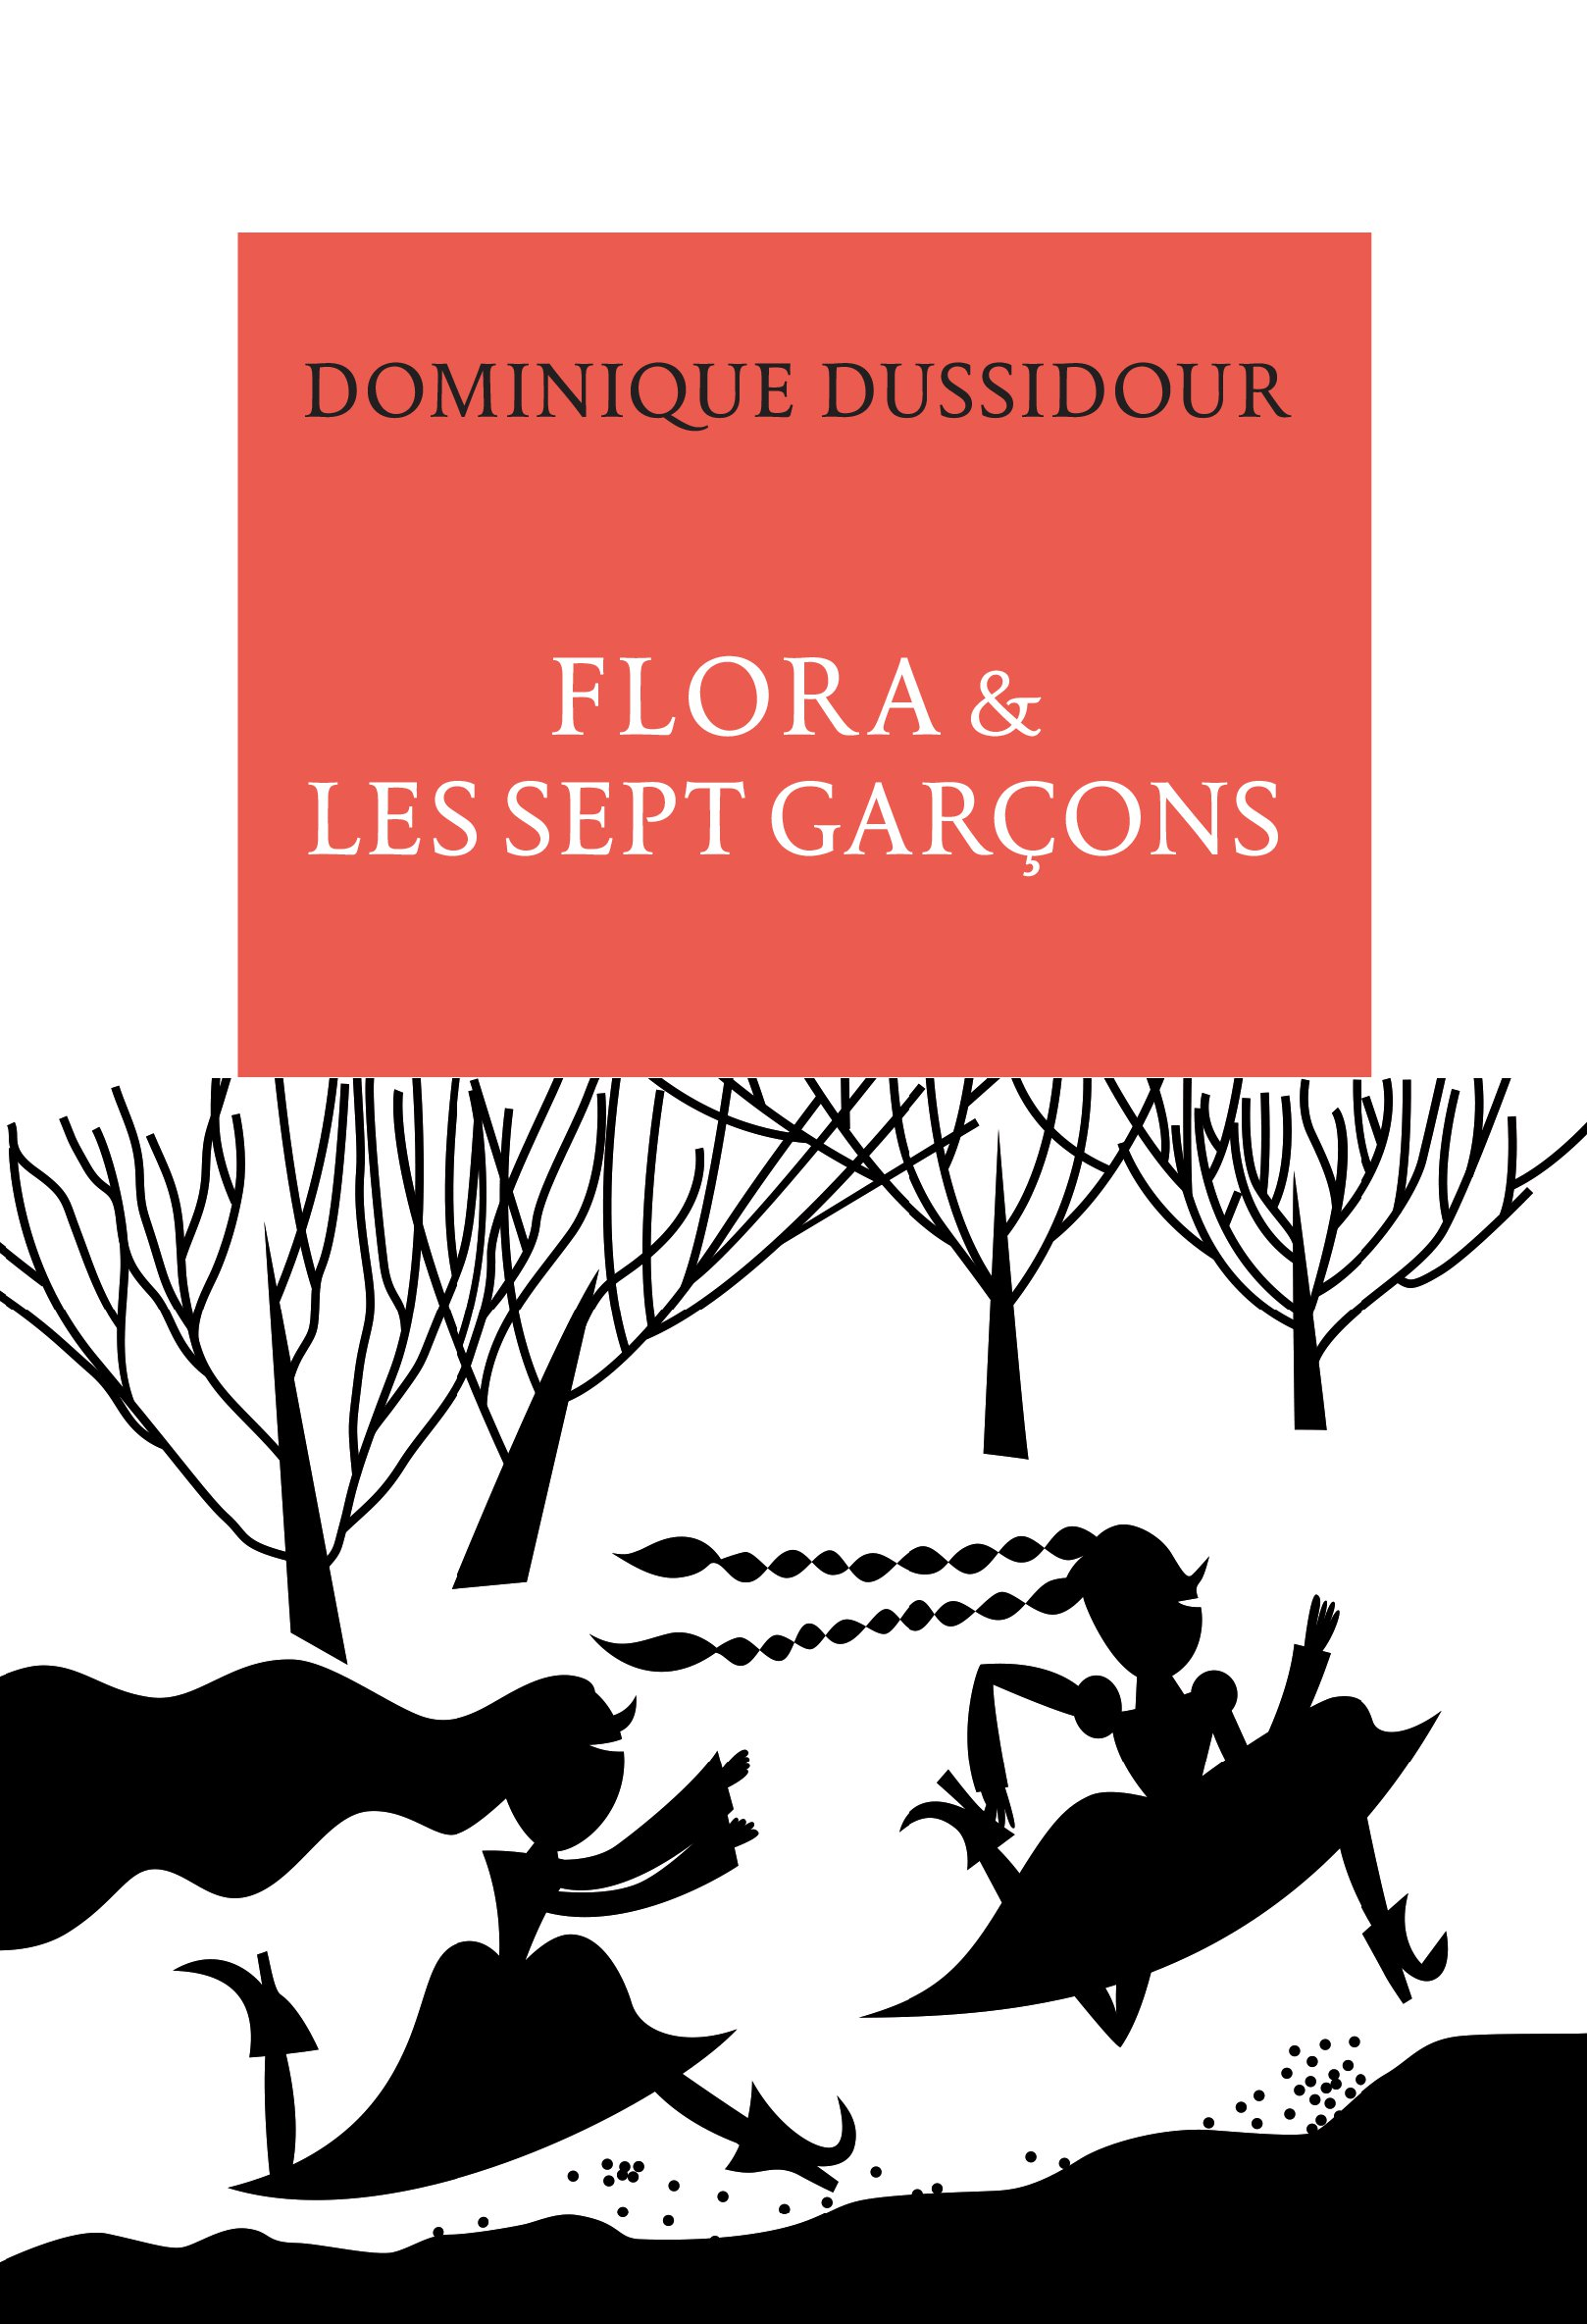 Flora & les sept garçons. Nouvelles et contes d'aujourd'hui